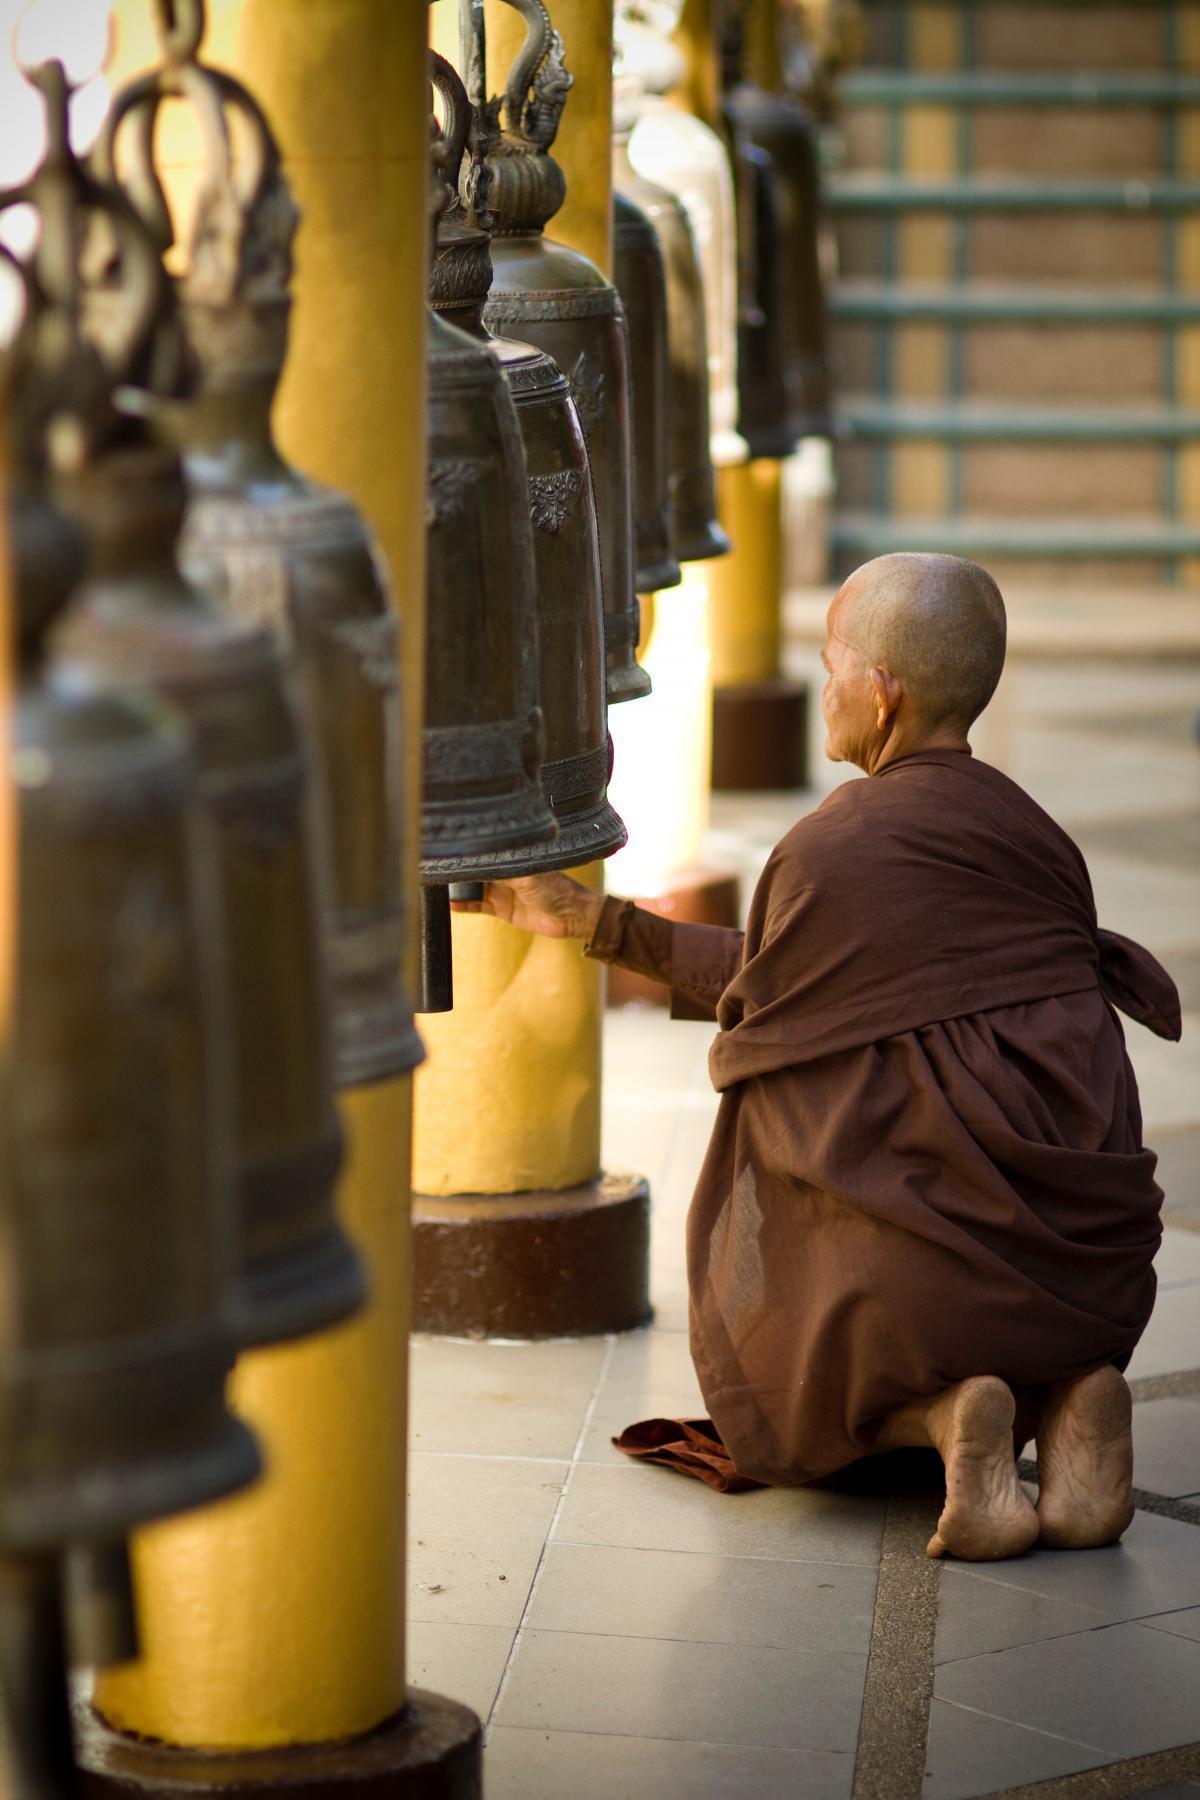 Man Monk Work